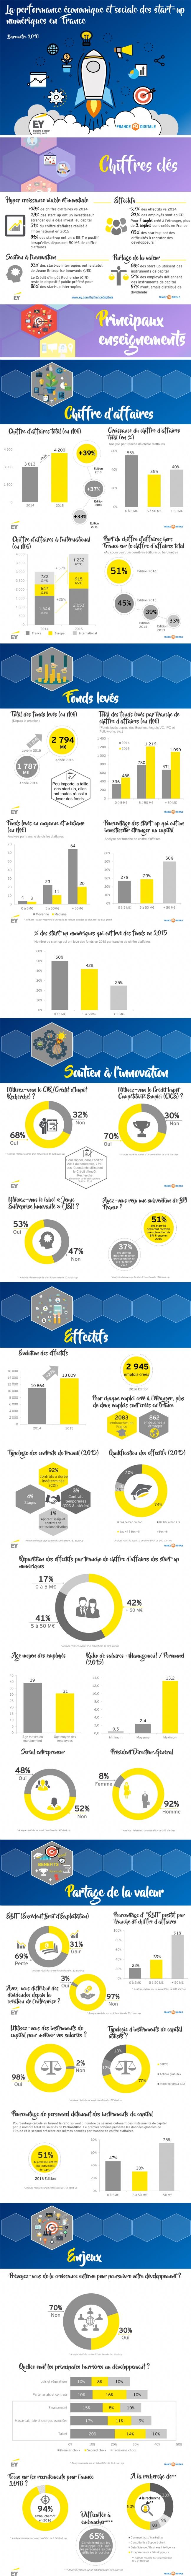 Infographie EI France Digitale sur les start up numériques